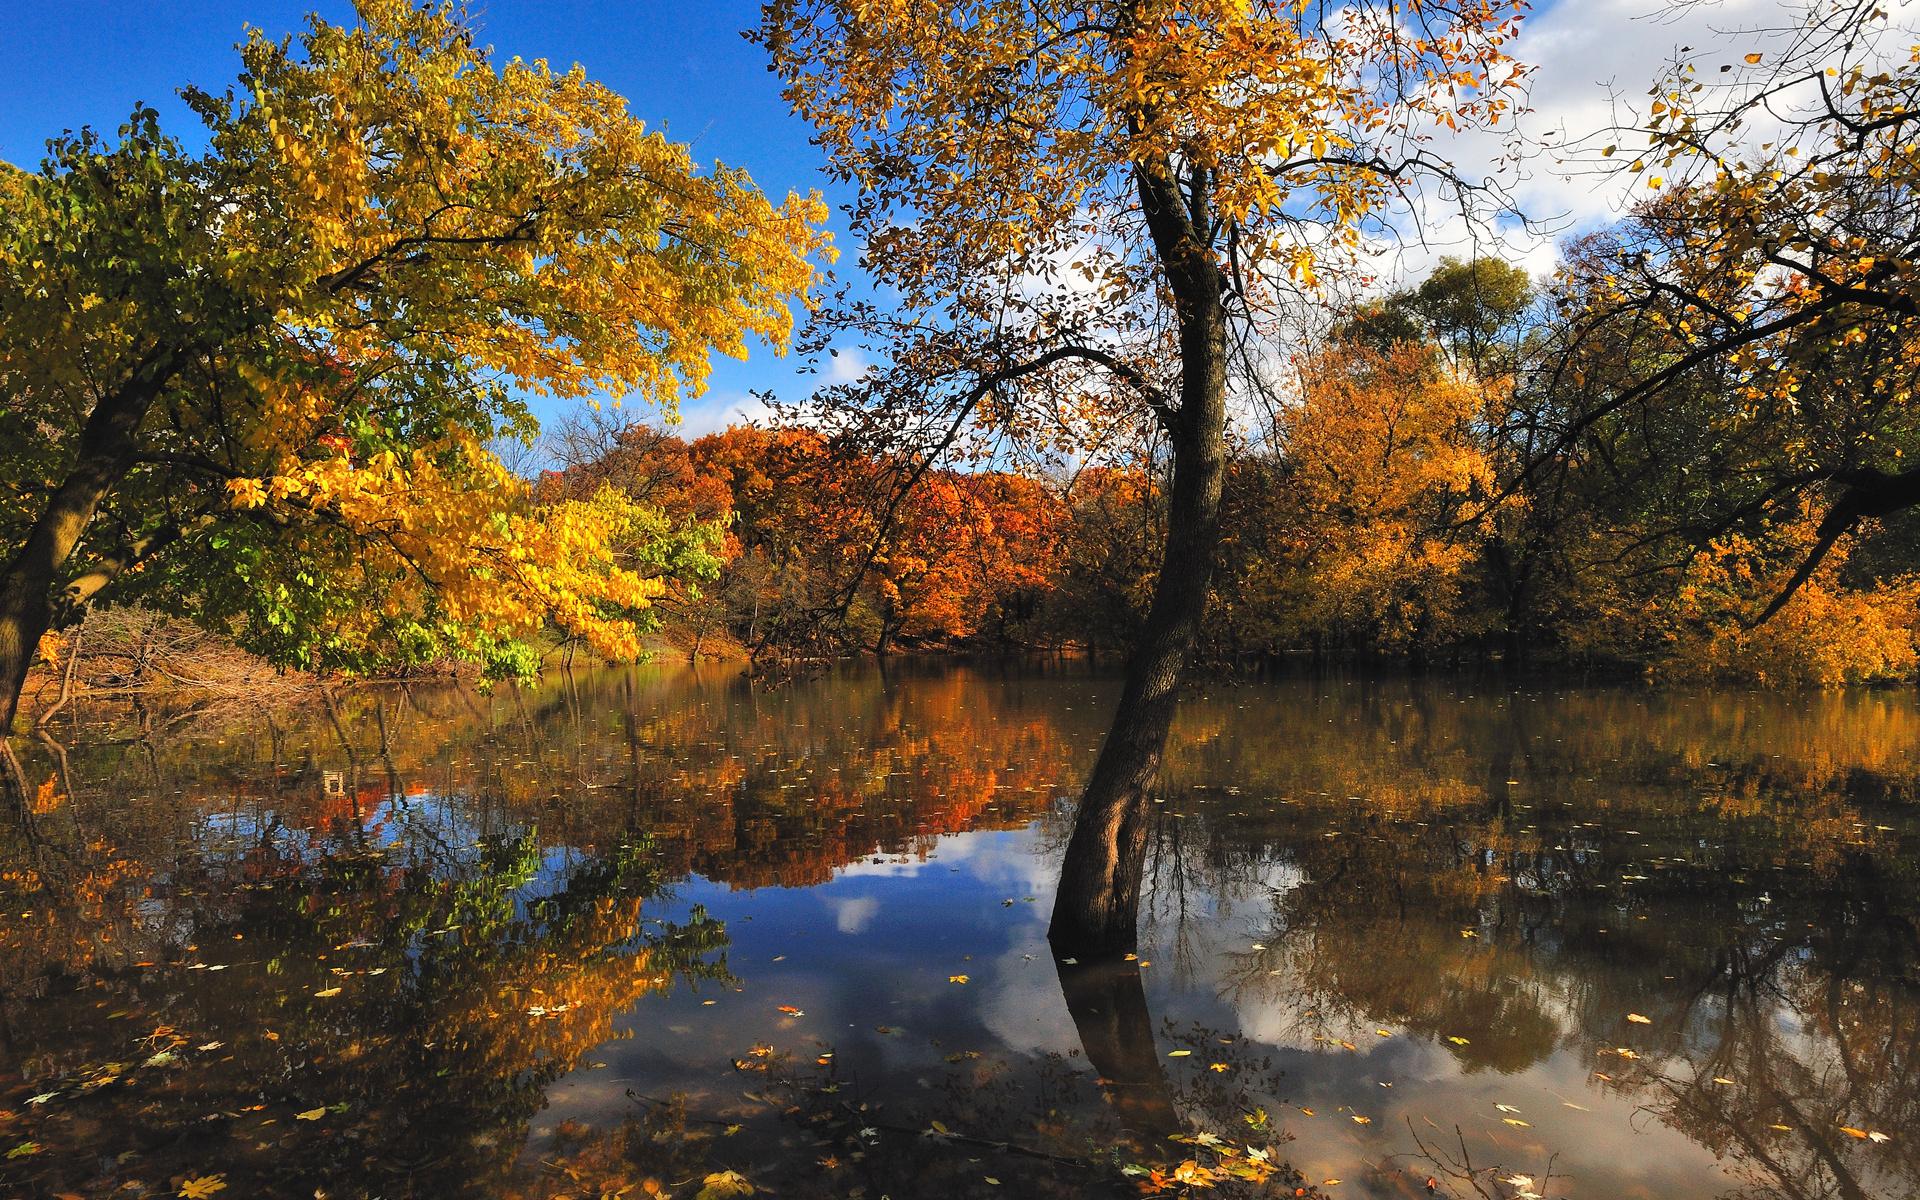 Природа осени фотографии высокого качества